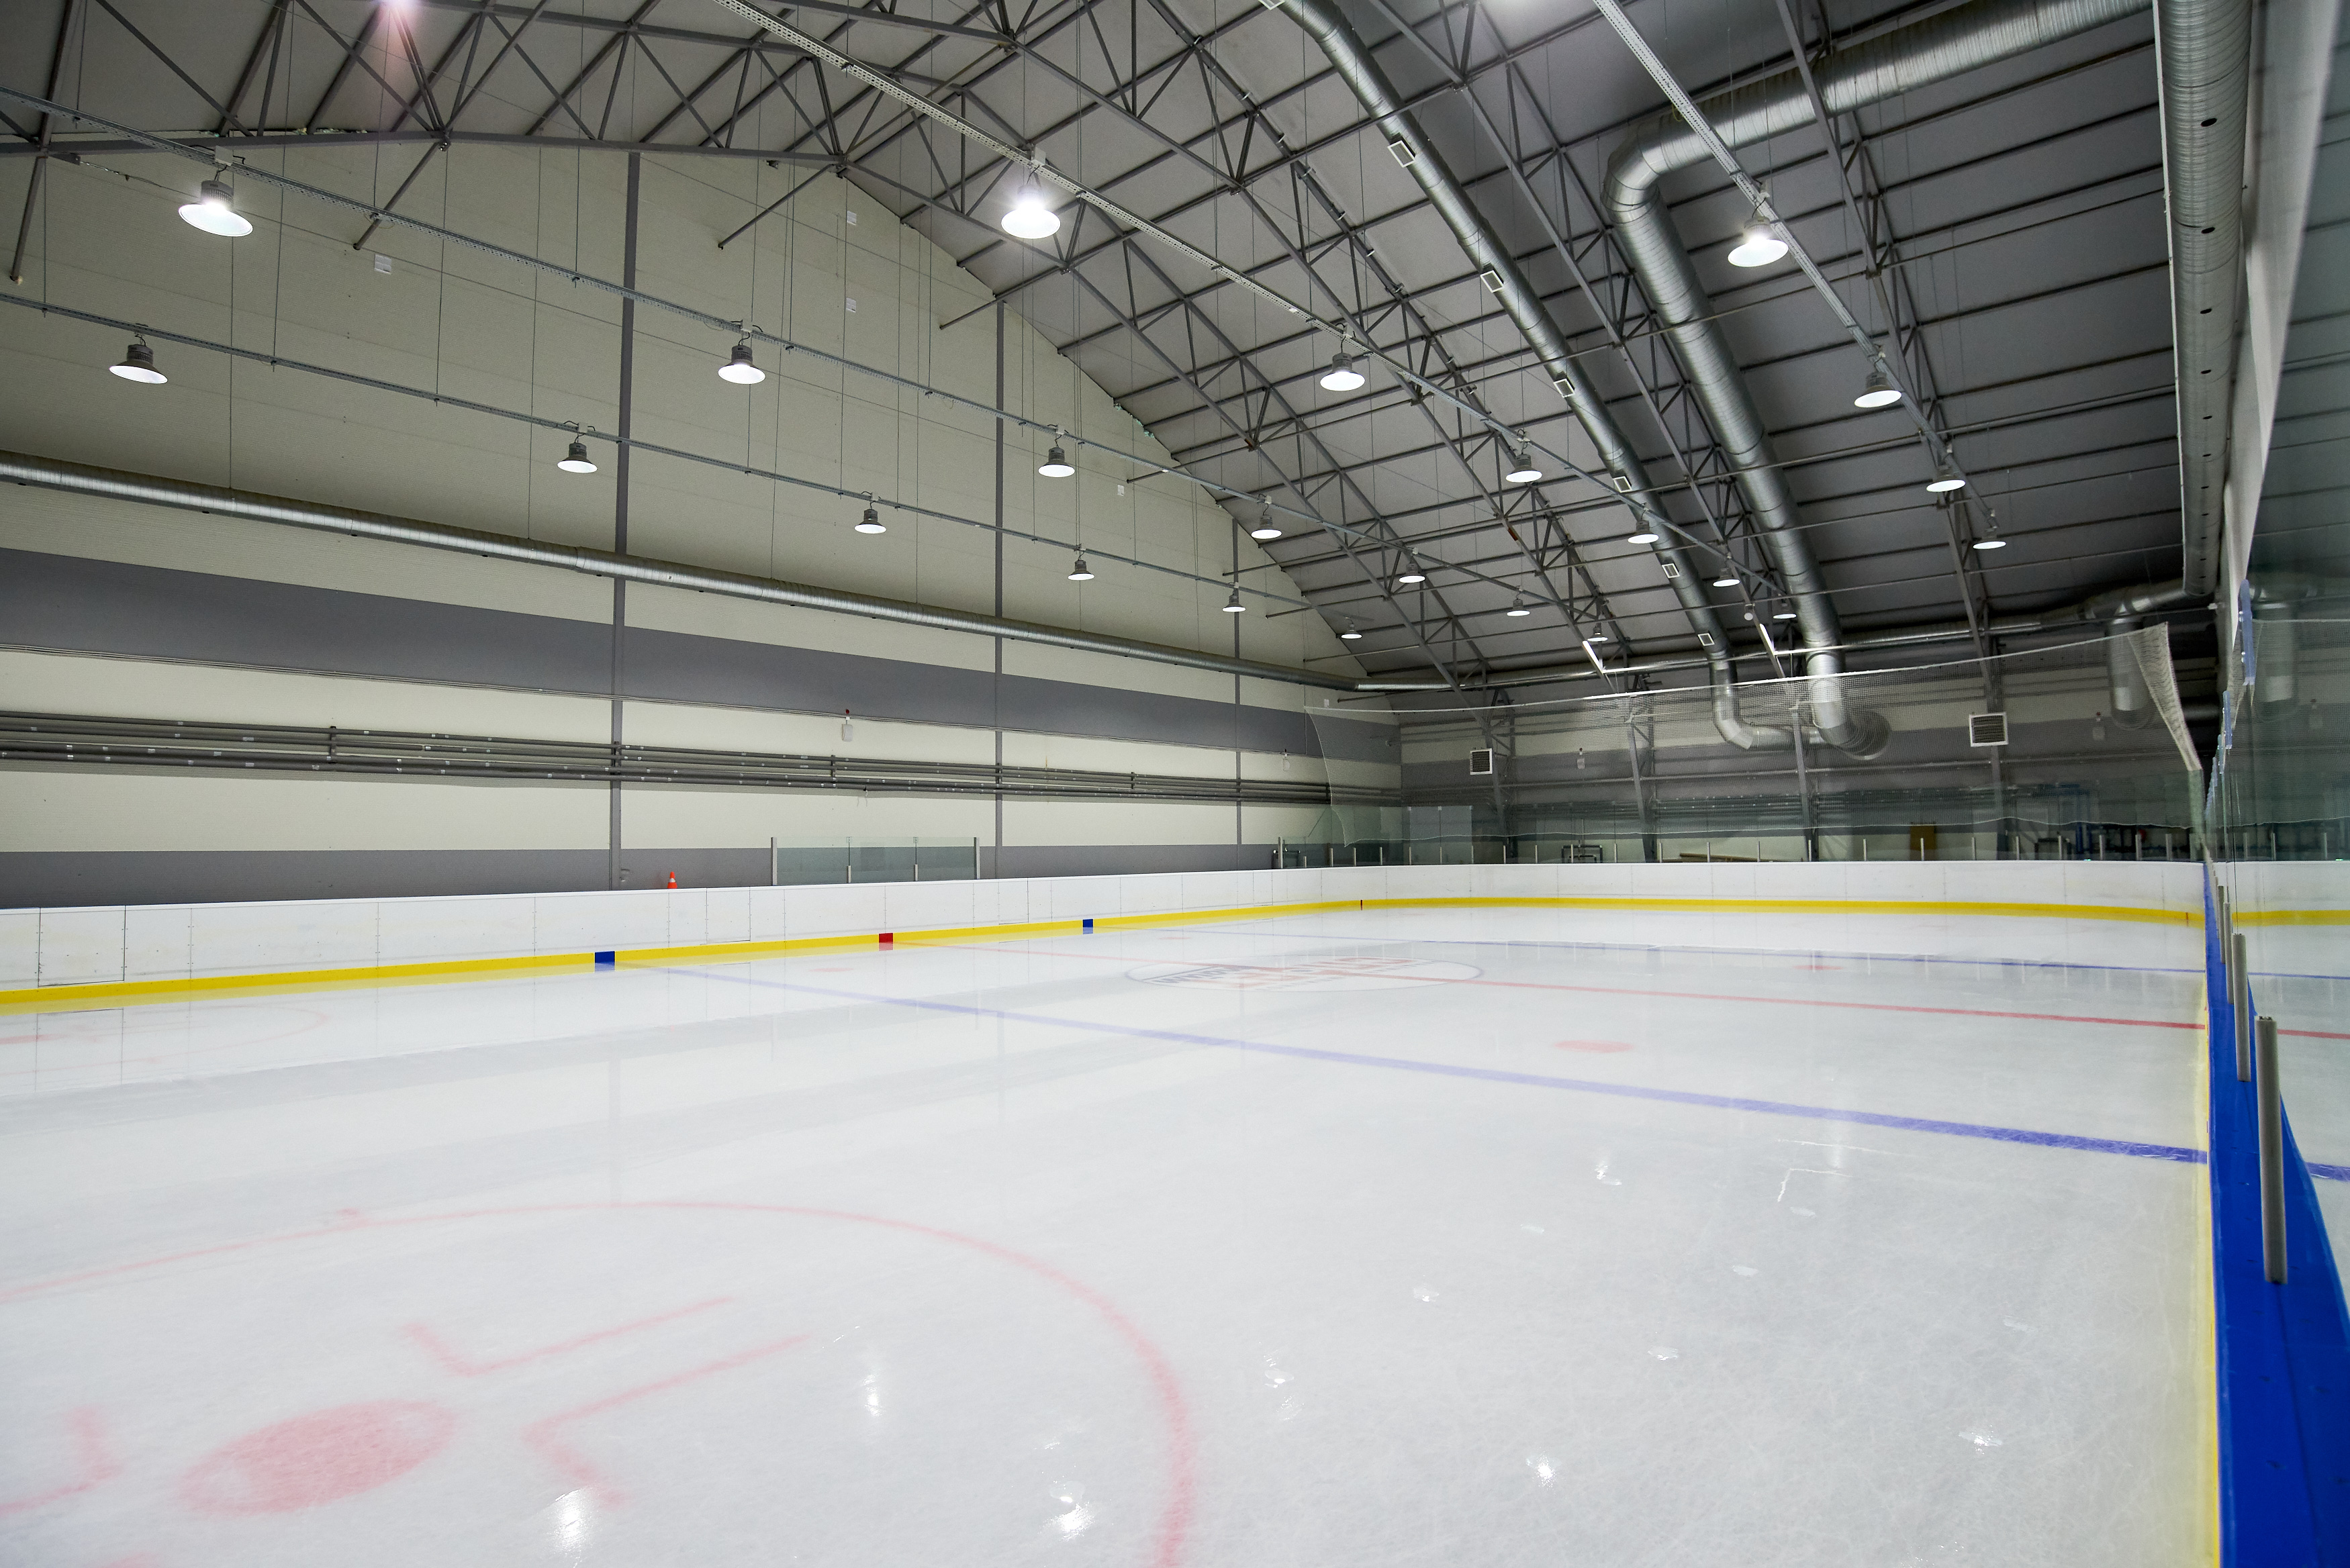 Ледовая арена для хоккея и фигурного катания